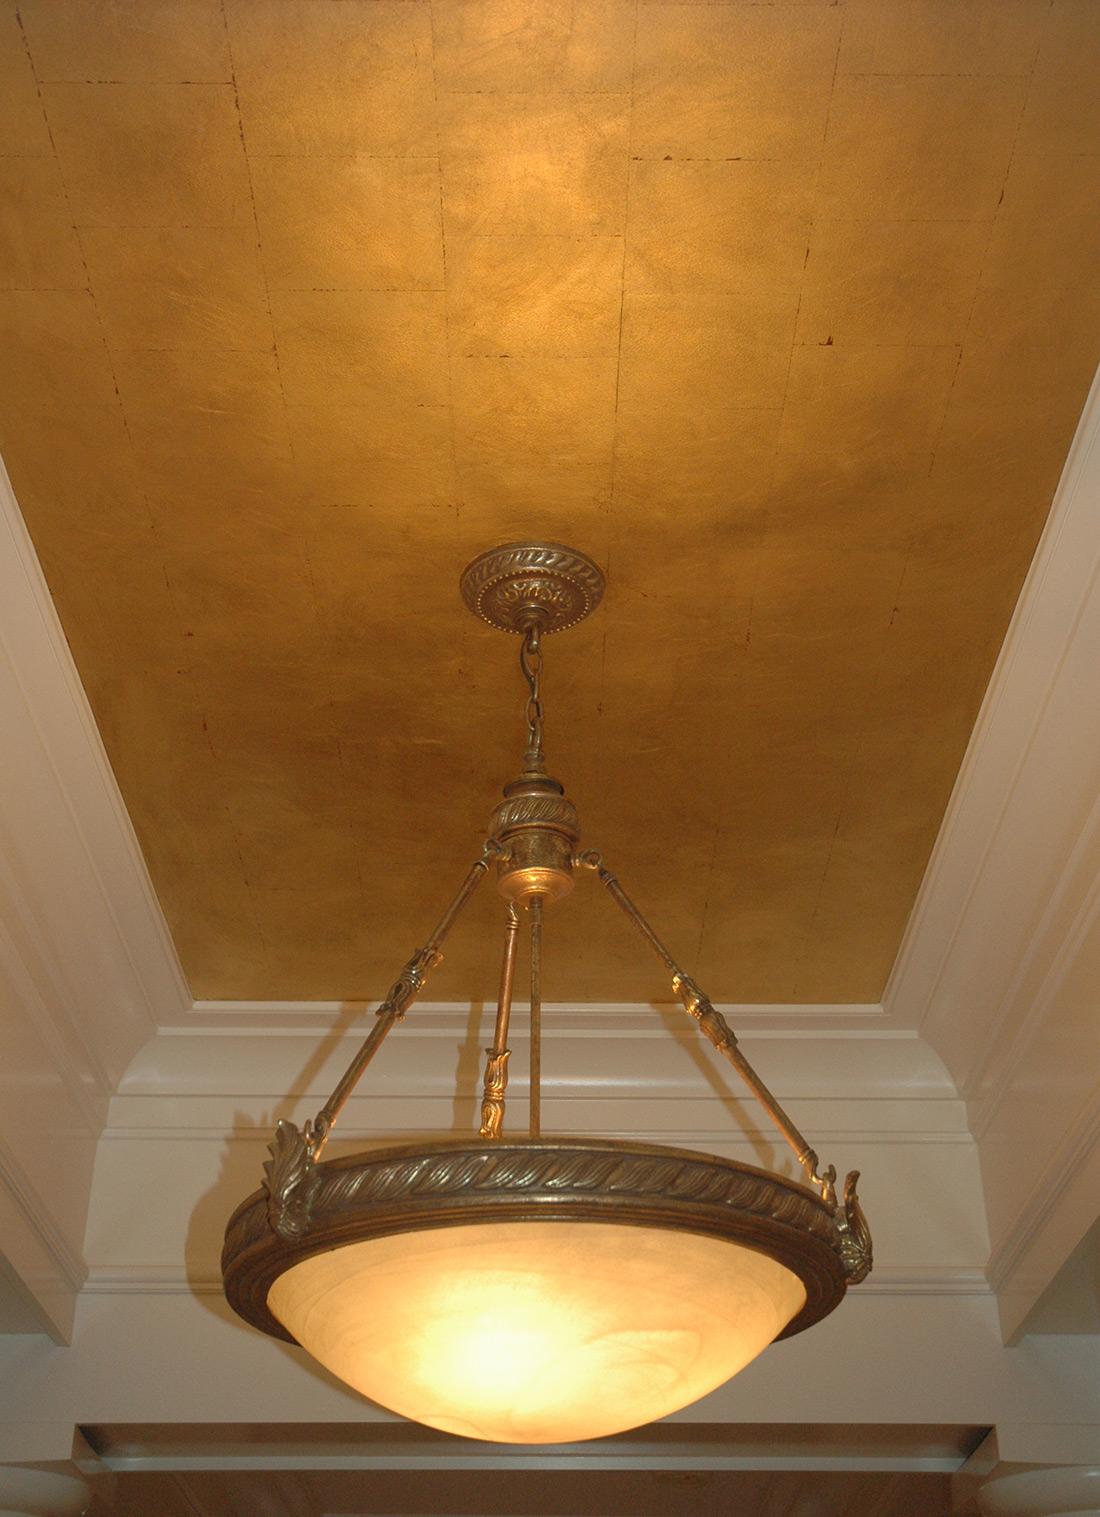 Gold Leaf Ceiling Www Pixshark Com Images Galleries